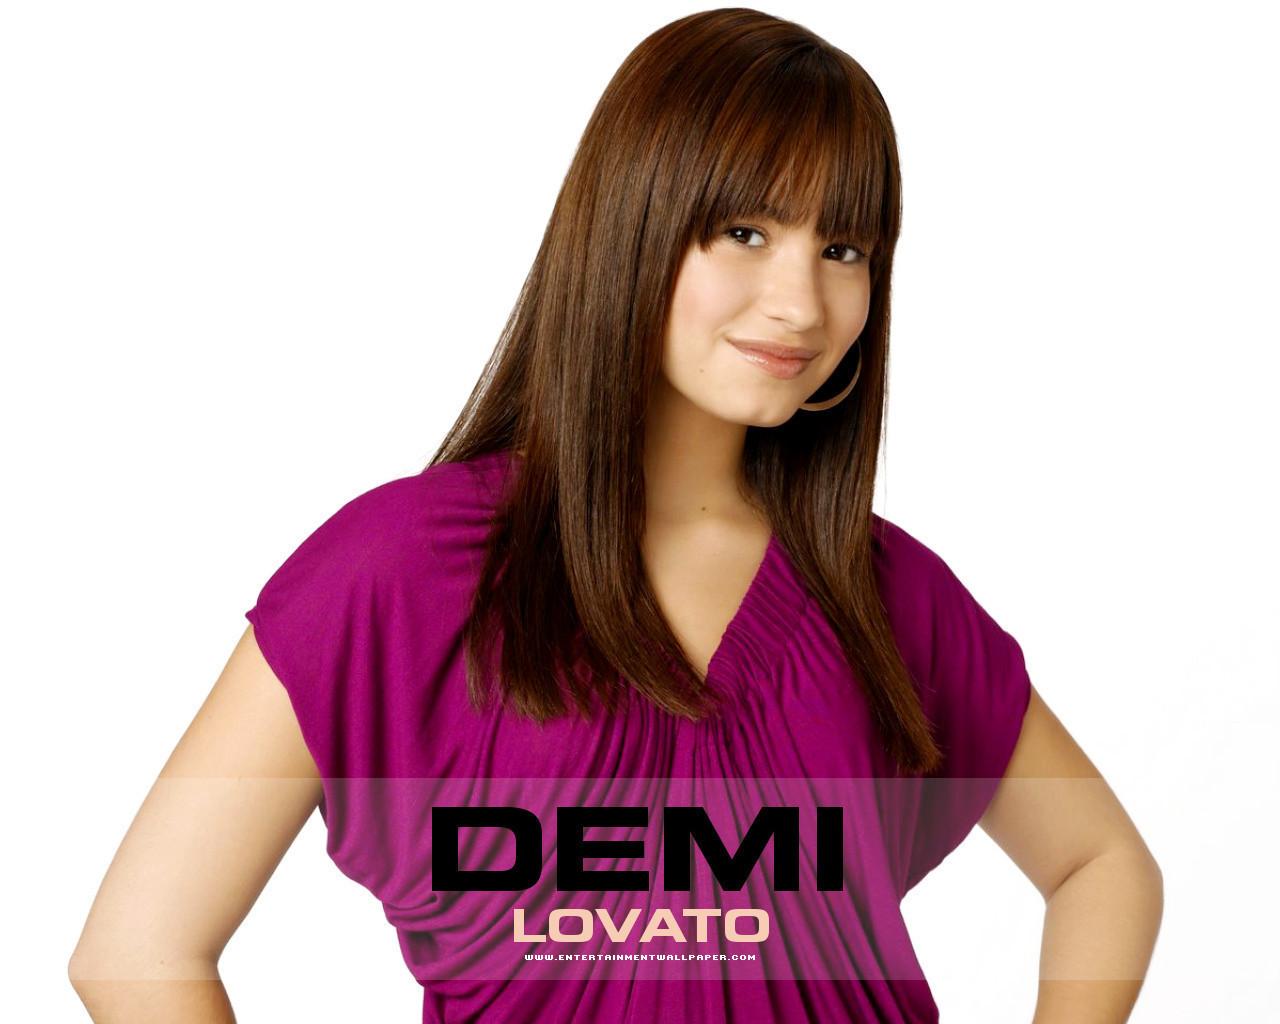 http://1.bp.blogspot.com/-qiI5riGqGq0/UPSK9I01pdI/AAAAAAAATRU/hbdU4HhobTo/s1600/Demi-Lovato4.jpg